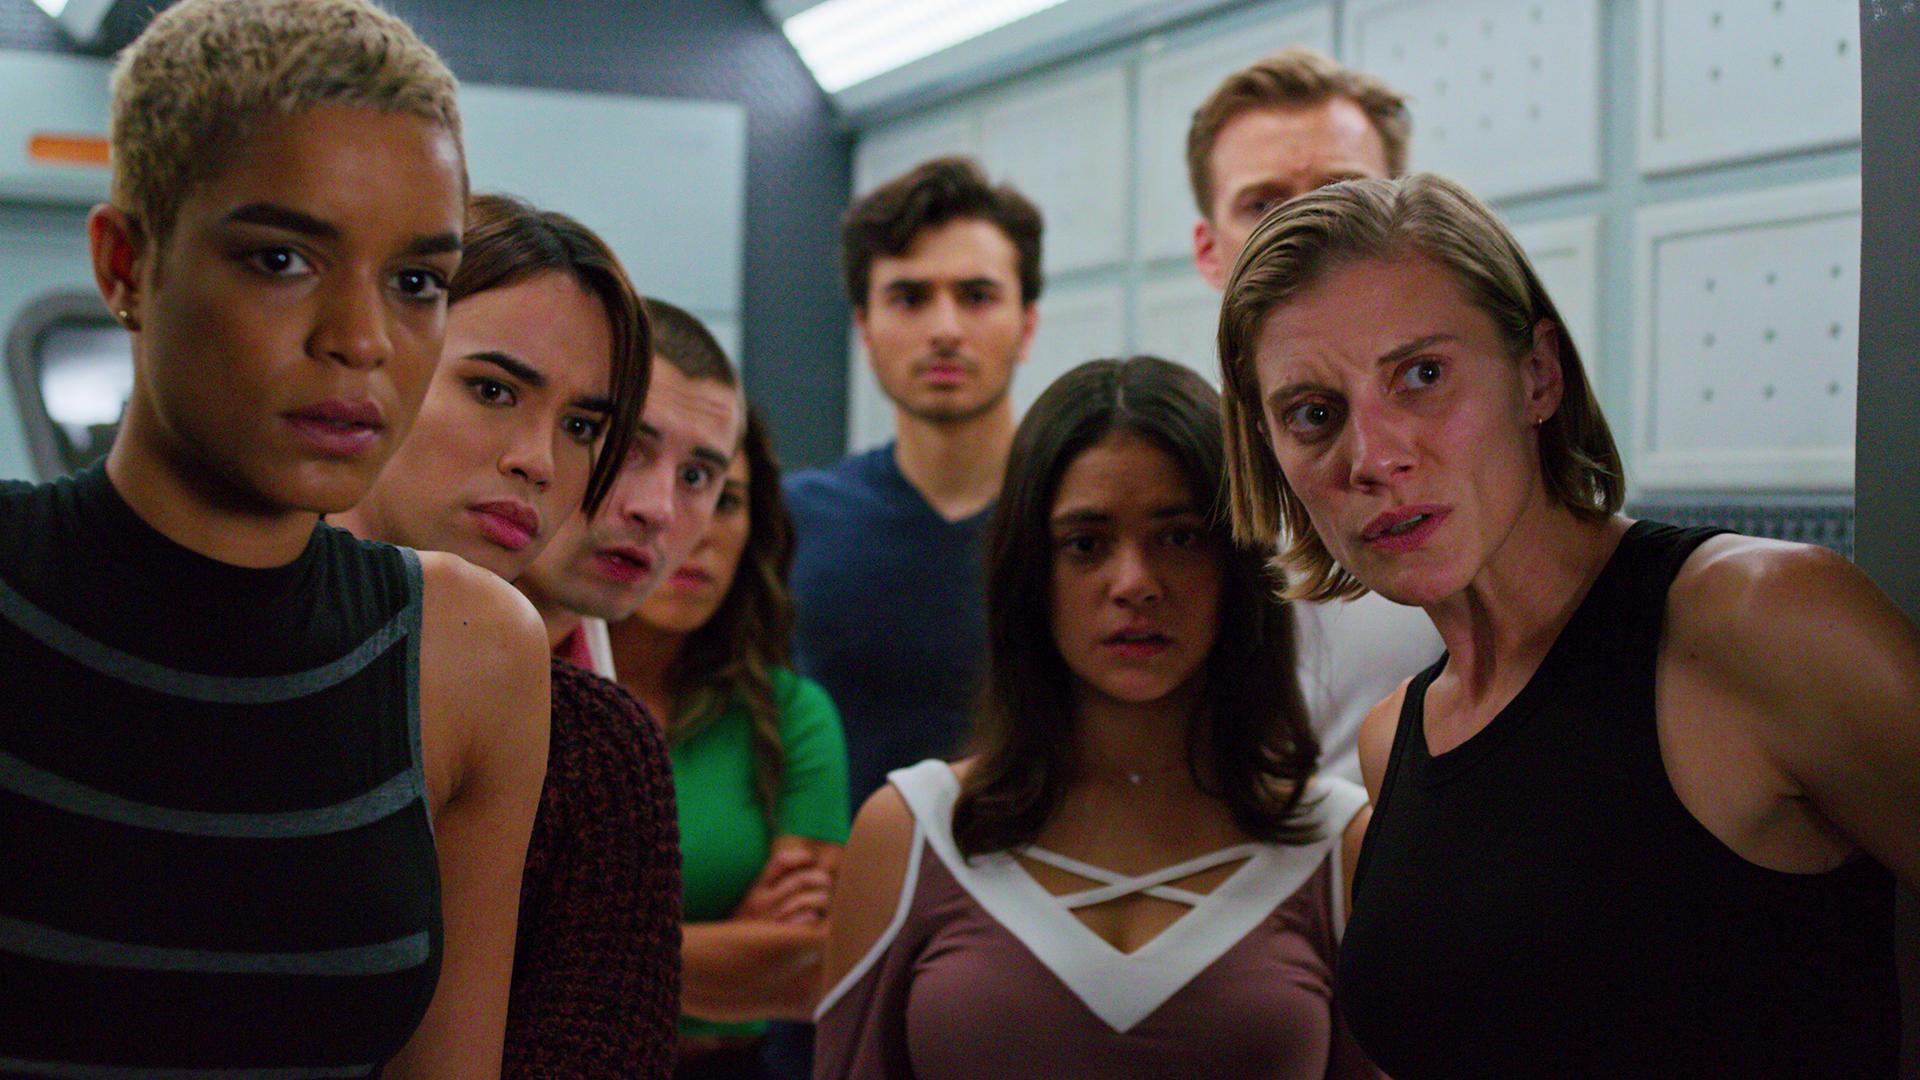 外星生命/異星空間 第1季 第3集 - Movieffm電影線上看